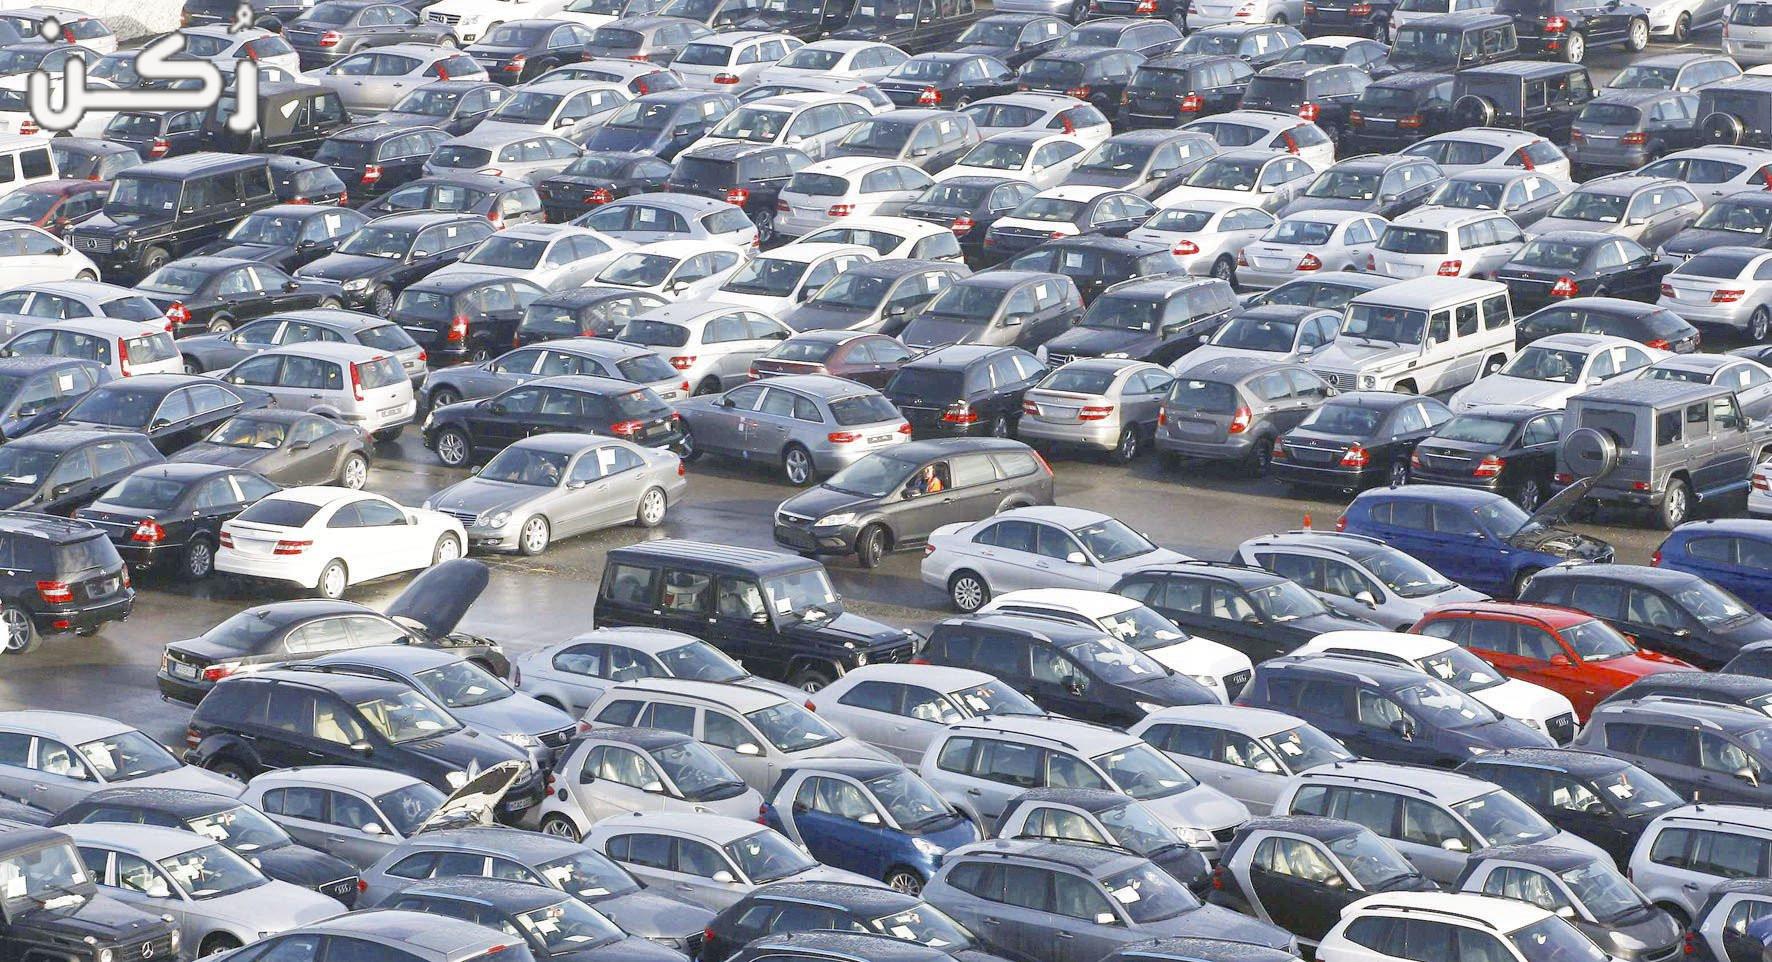 مميزات وعيوب ومواصفات السيارات المستعملة